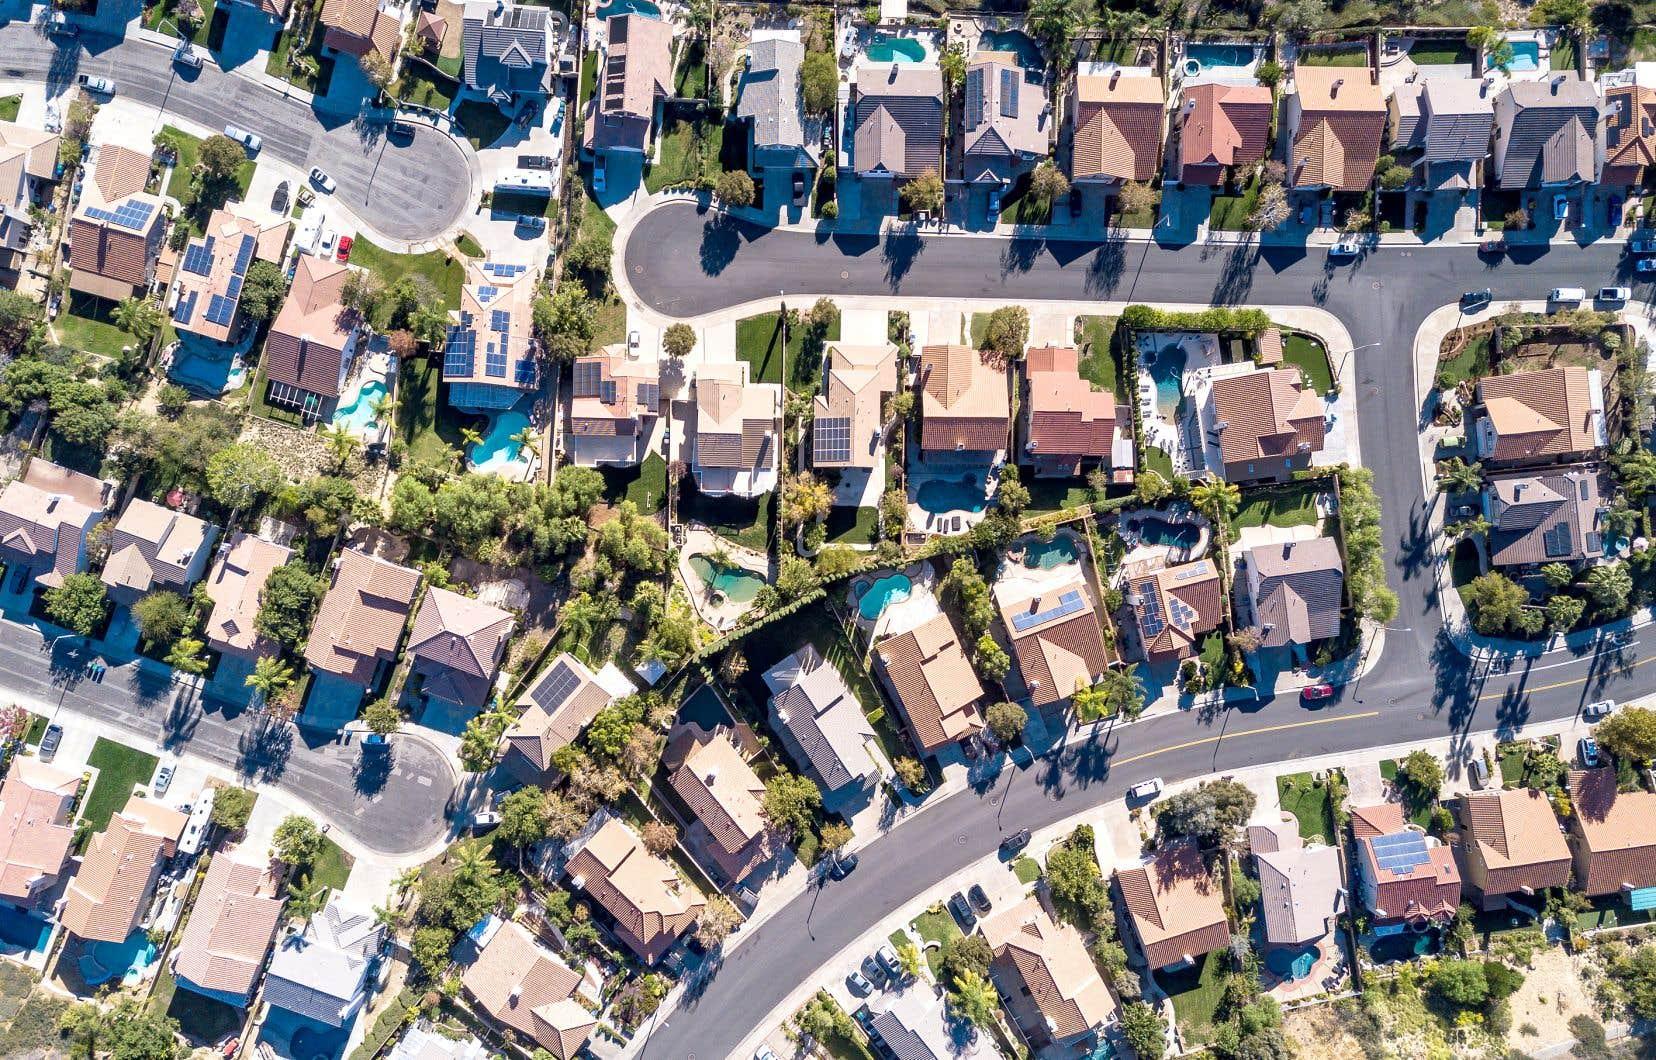 Le taux de propriétaires aux États-Unis a glissé de 74%, son pic historique en 2004, à 68% ces dernières années.